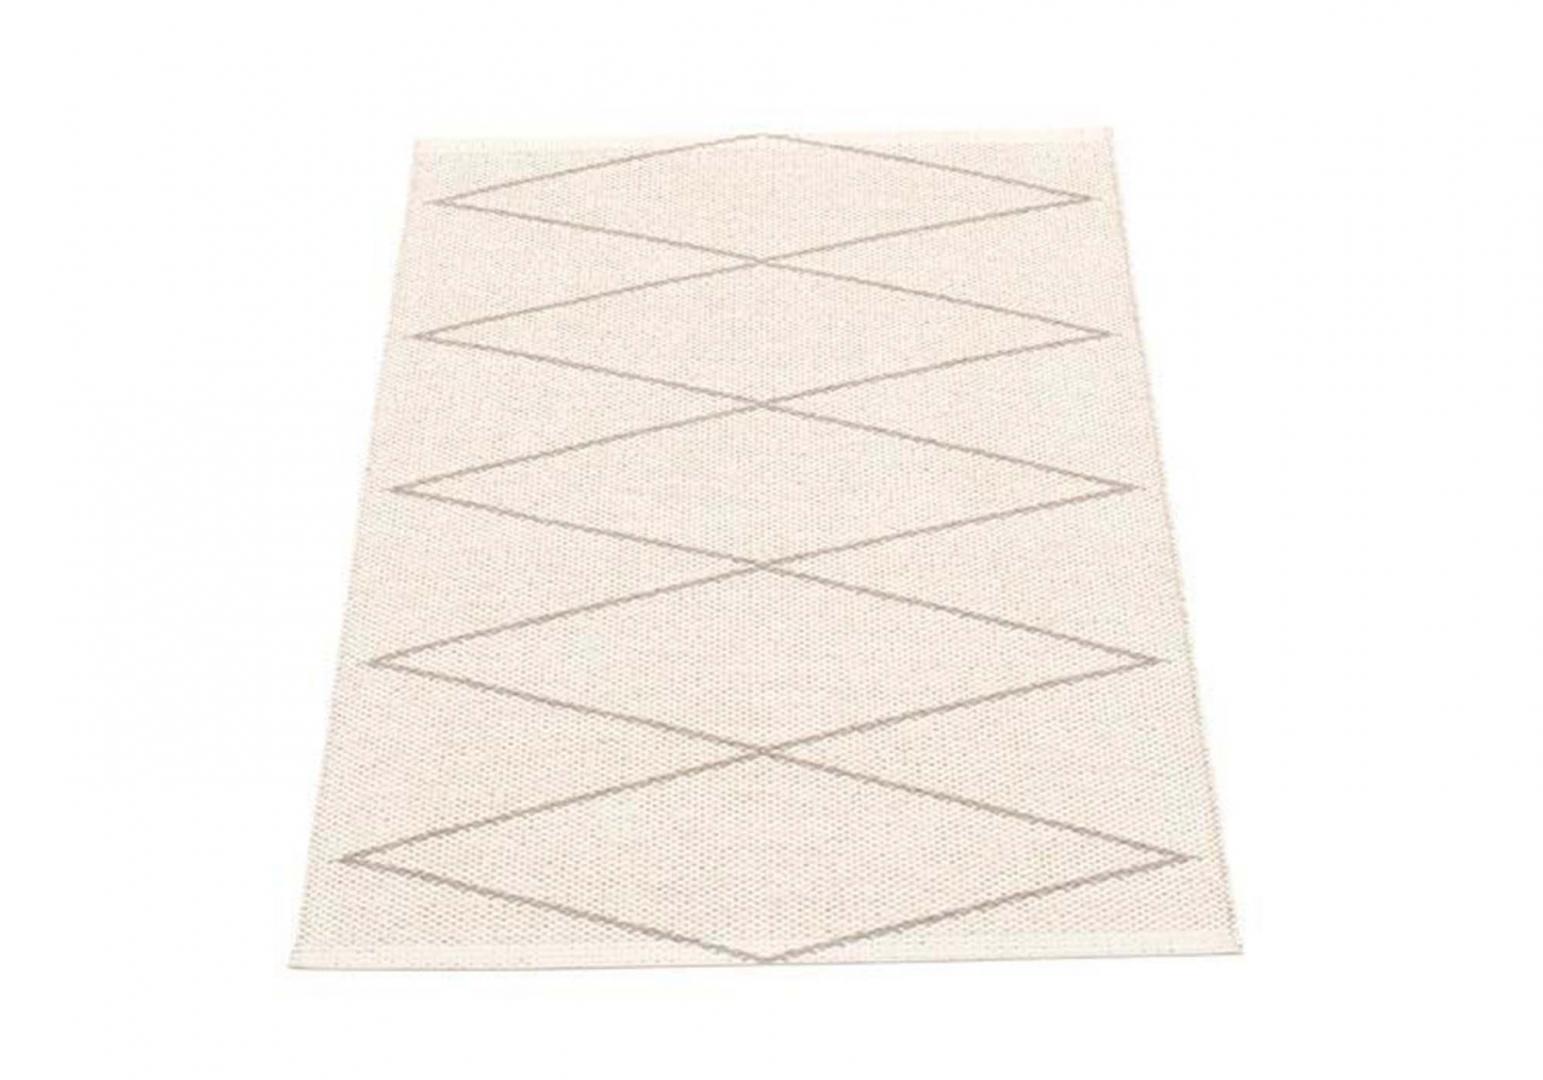 Tapis Max - Mud / Vanilla - 70x100 cm - PAPPELINA